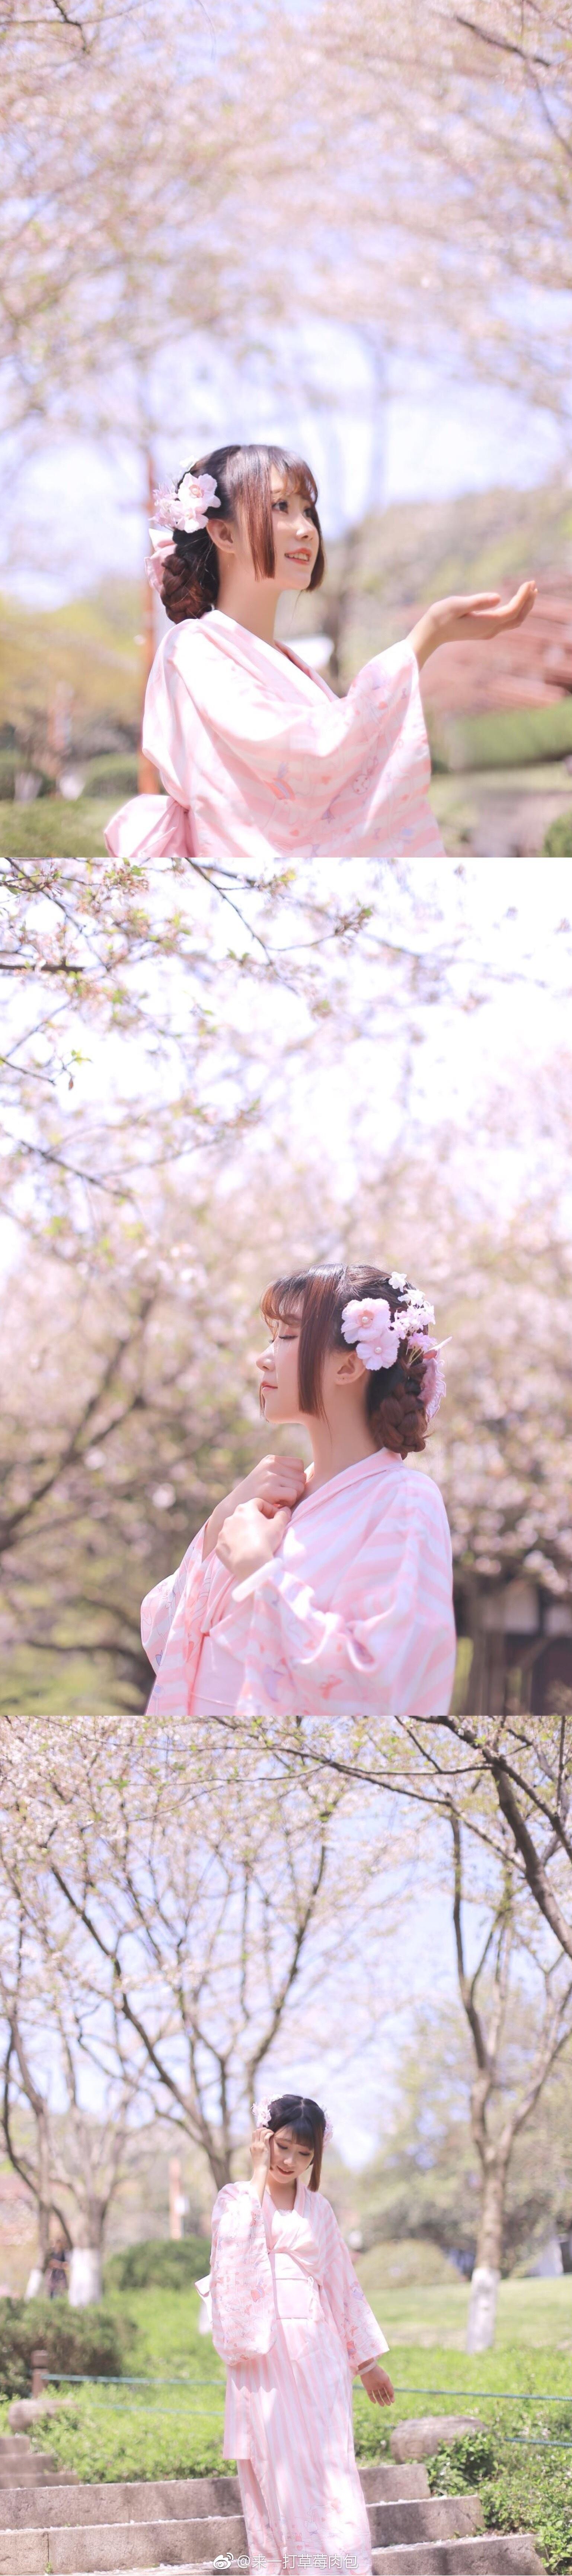 花瓣轻轻抚过你的侧脸插图4